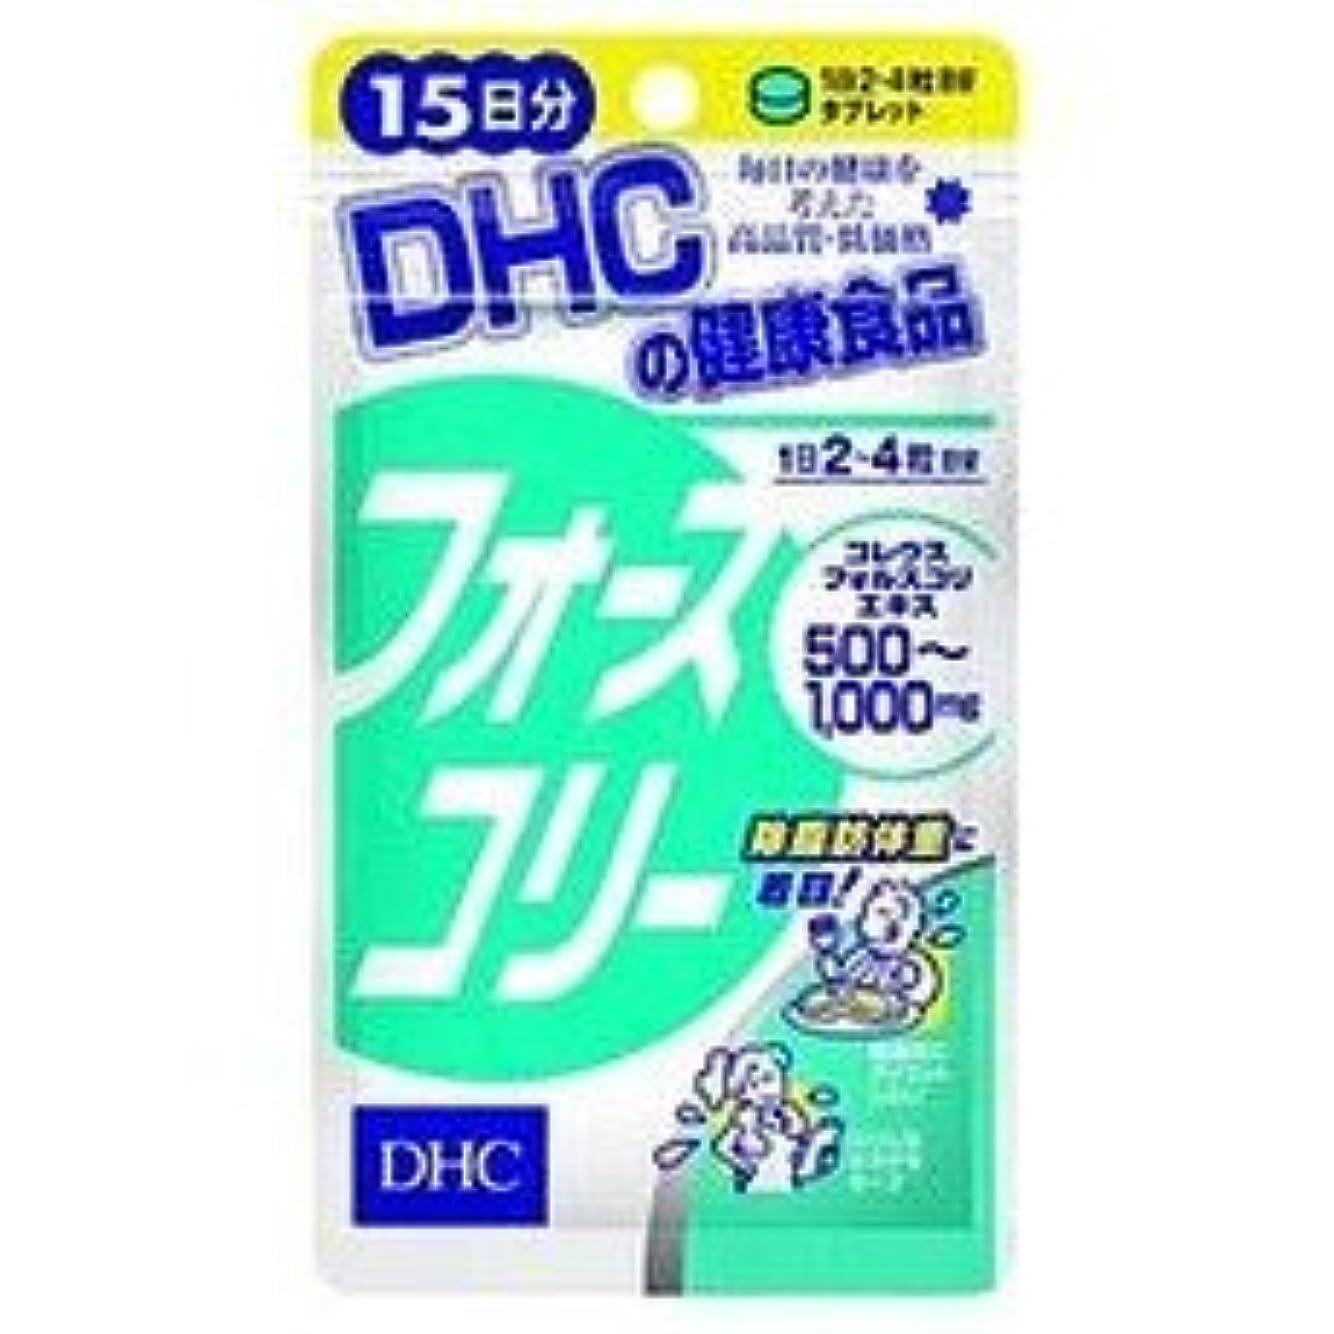 タイムリーなエキサイティング出血DHC フォースコリー 15日分 60粒